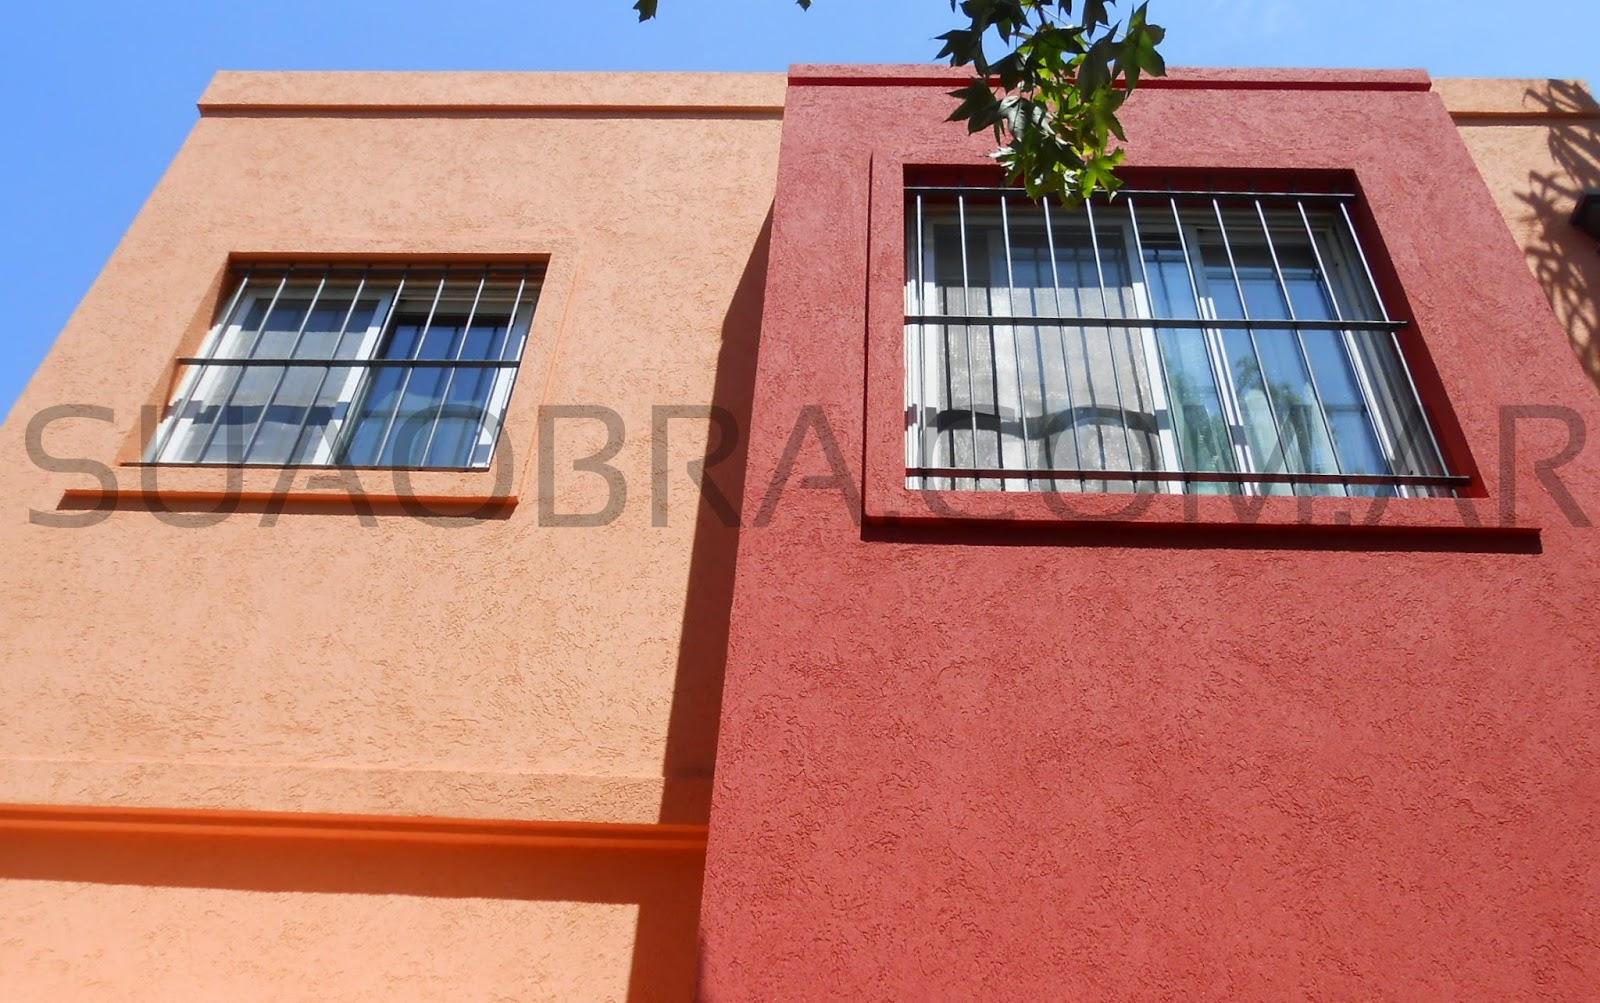 Revoque pl stico exterior de paredes colocaci n for Baules plastico para exterior